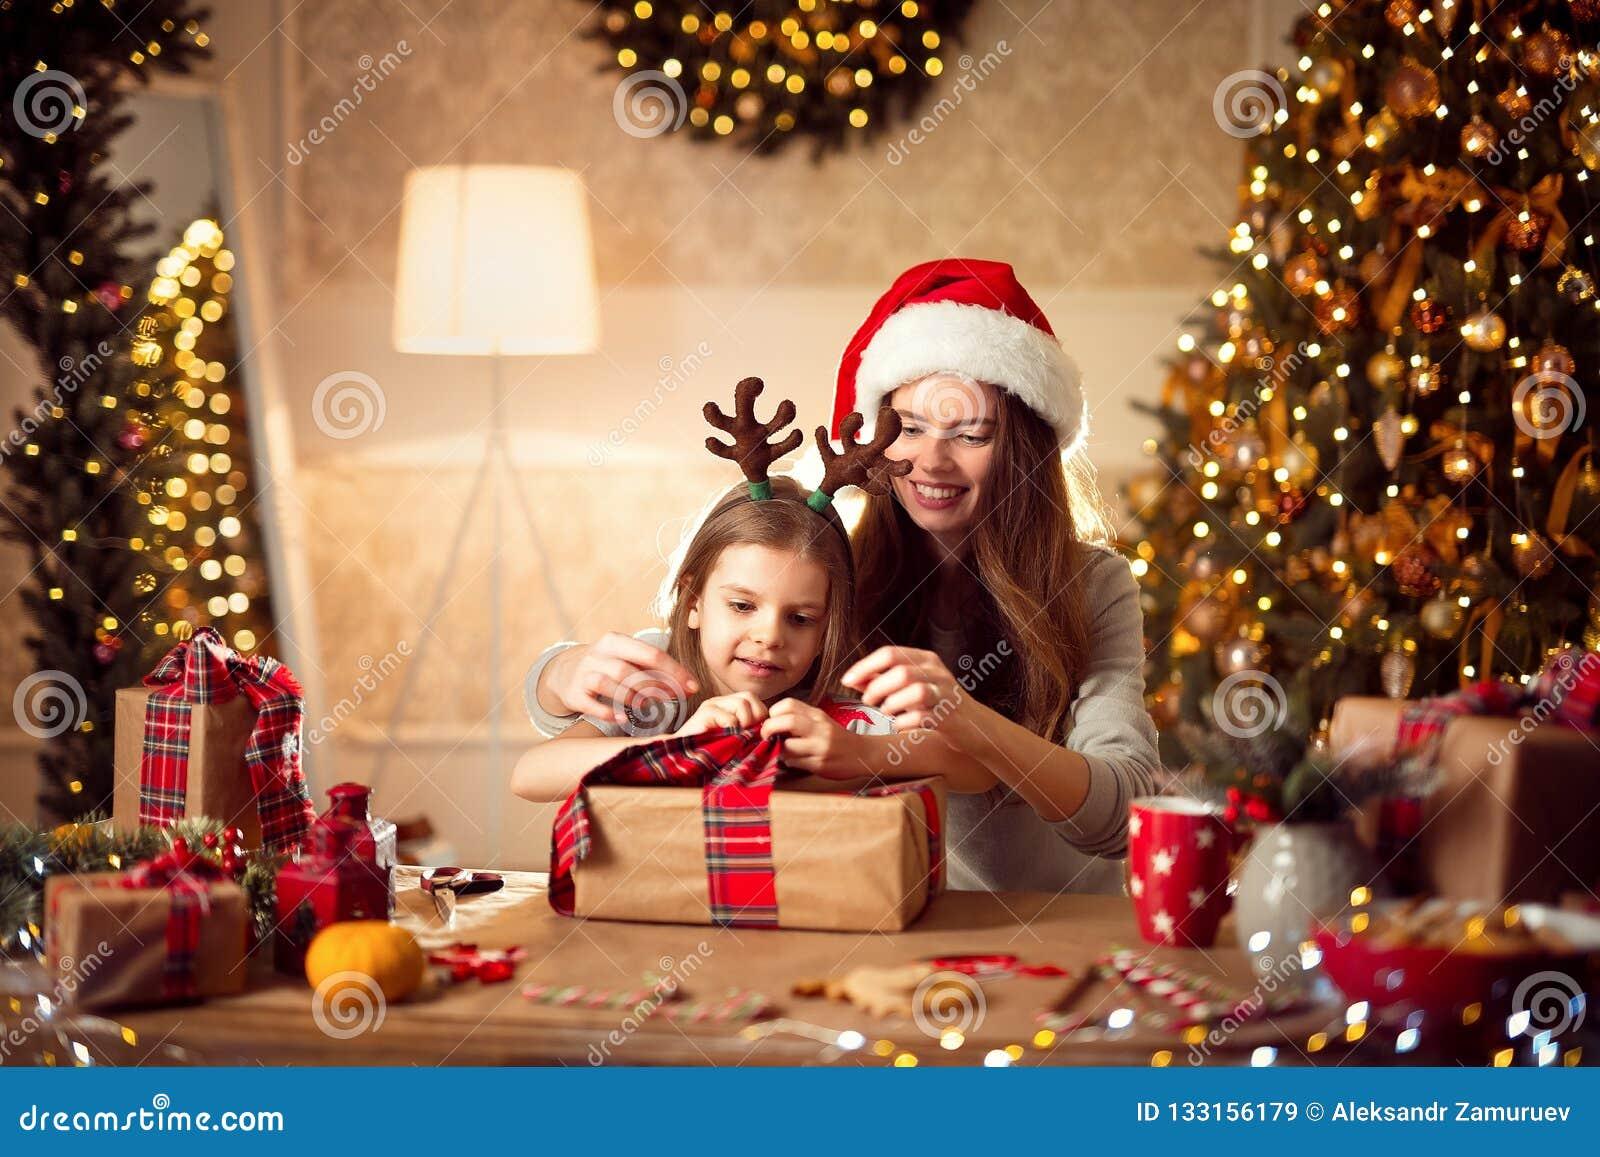 Счастливые мать и ребенок семьи пакуют подарки рождества